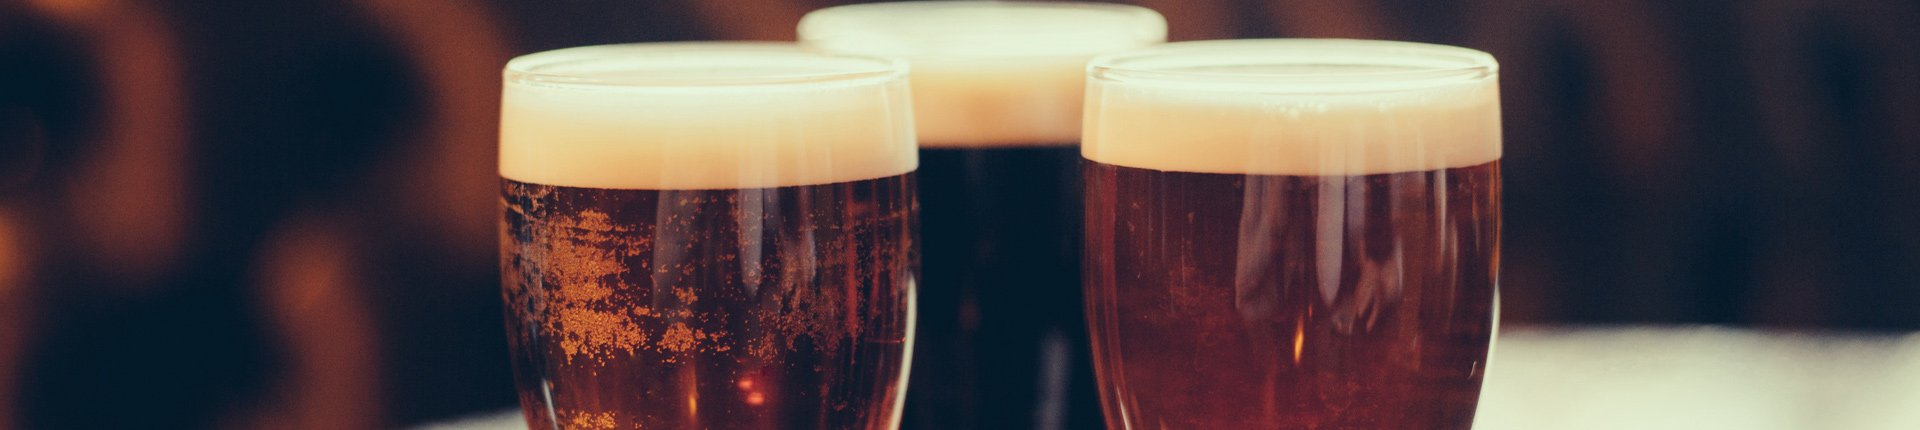 Jak pić piwo i nie tyć - alkohol a dieta?